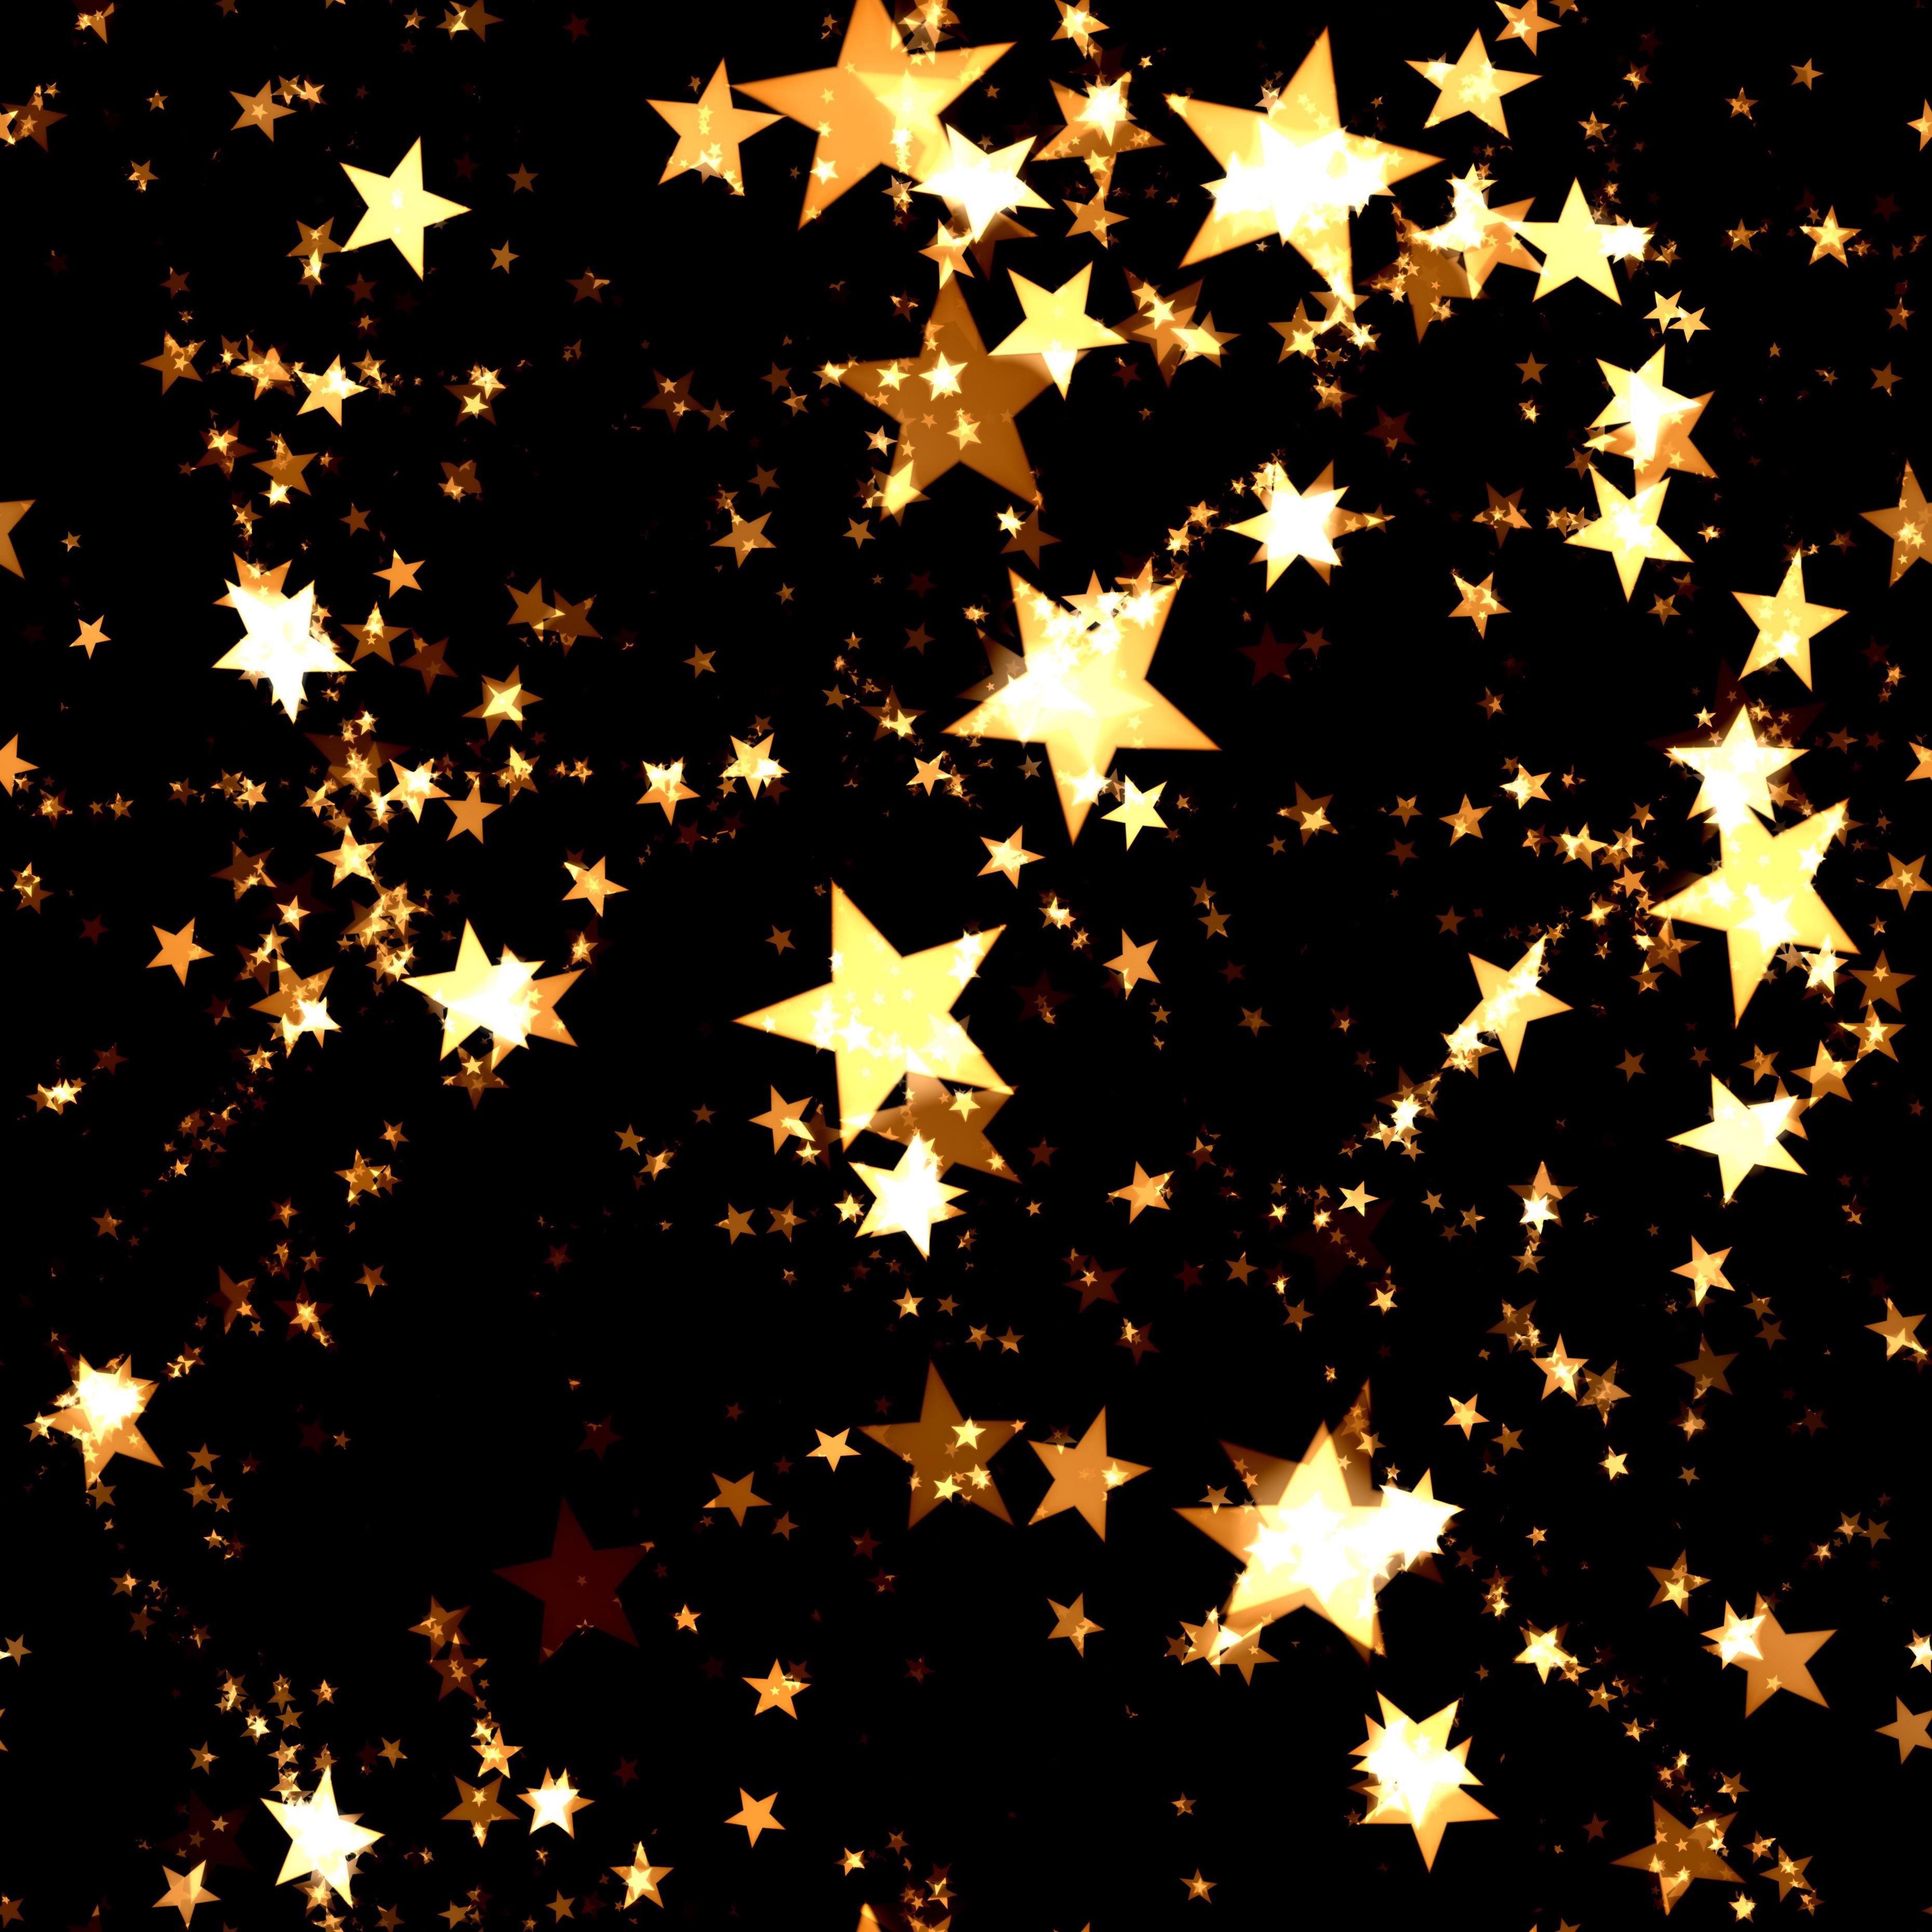 bright star bright star Lyrics to starlight, starbright by linda scott: (star light, star bright, first star i see tonight / wish i may, wish i might have the wish.